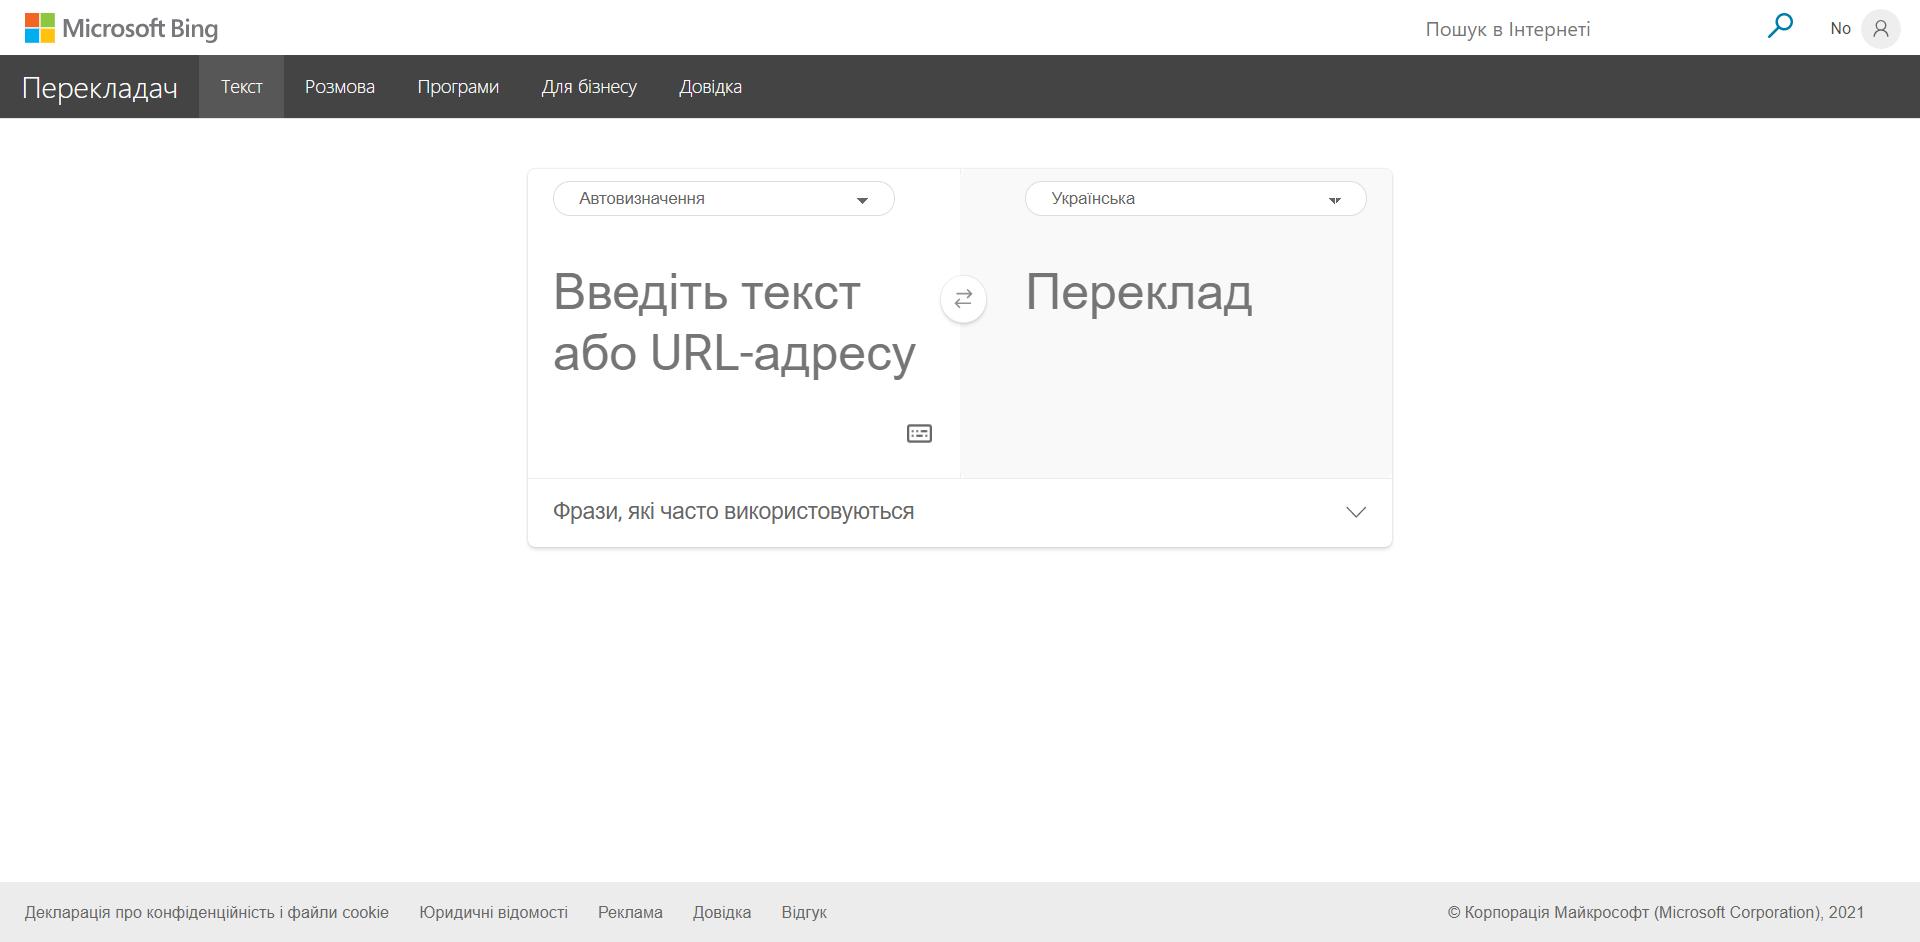 Bing Microsoft інтерфейс